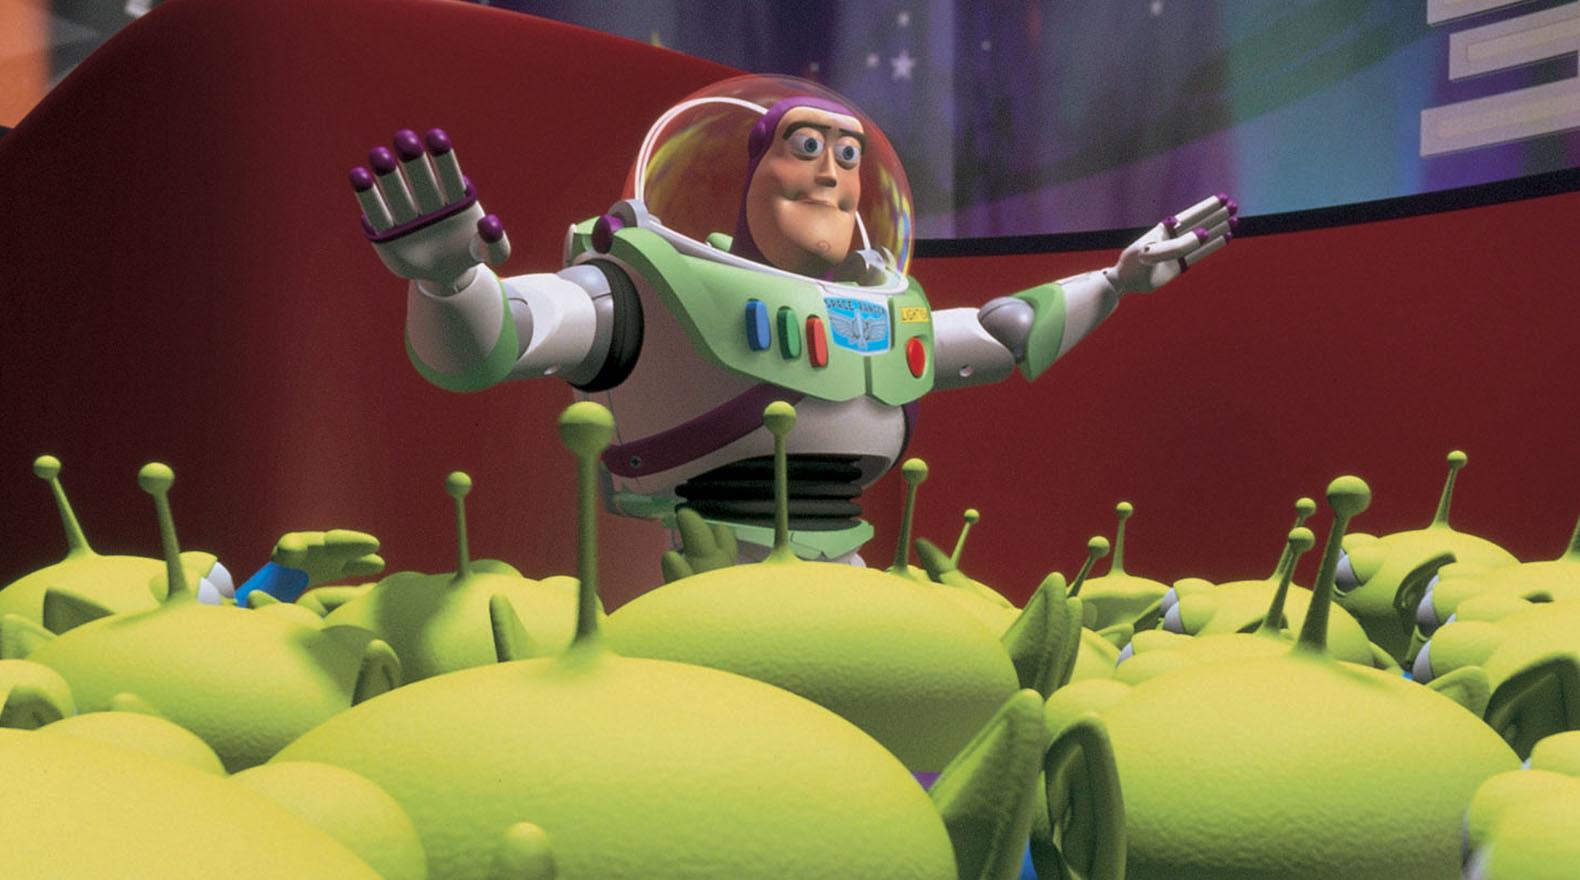 Buzz Lightyear Gallery Disney Australia Toy Story